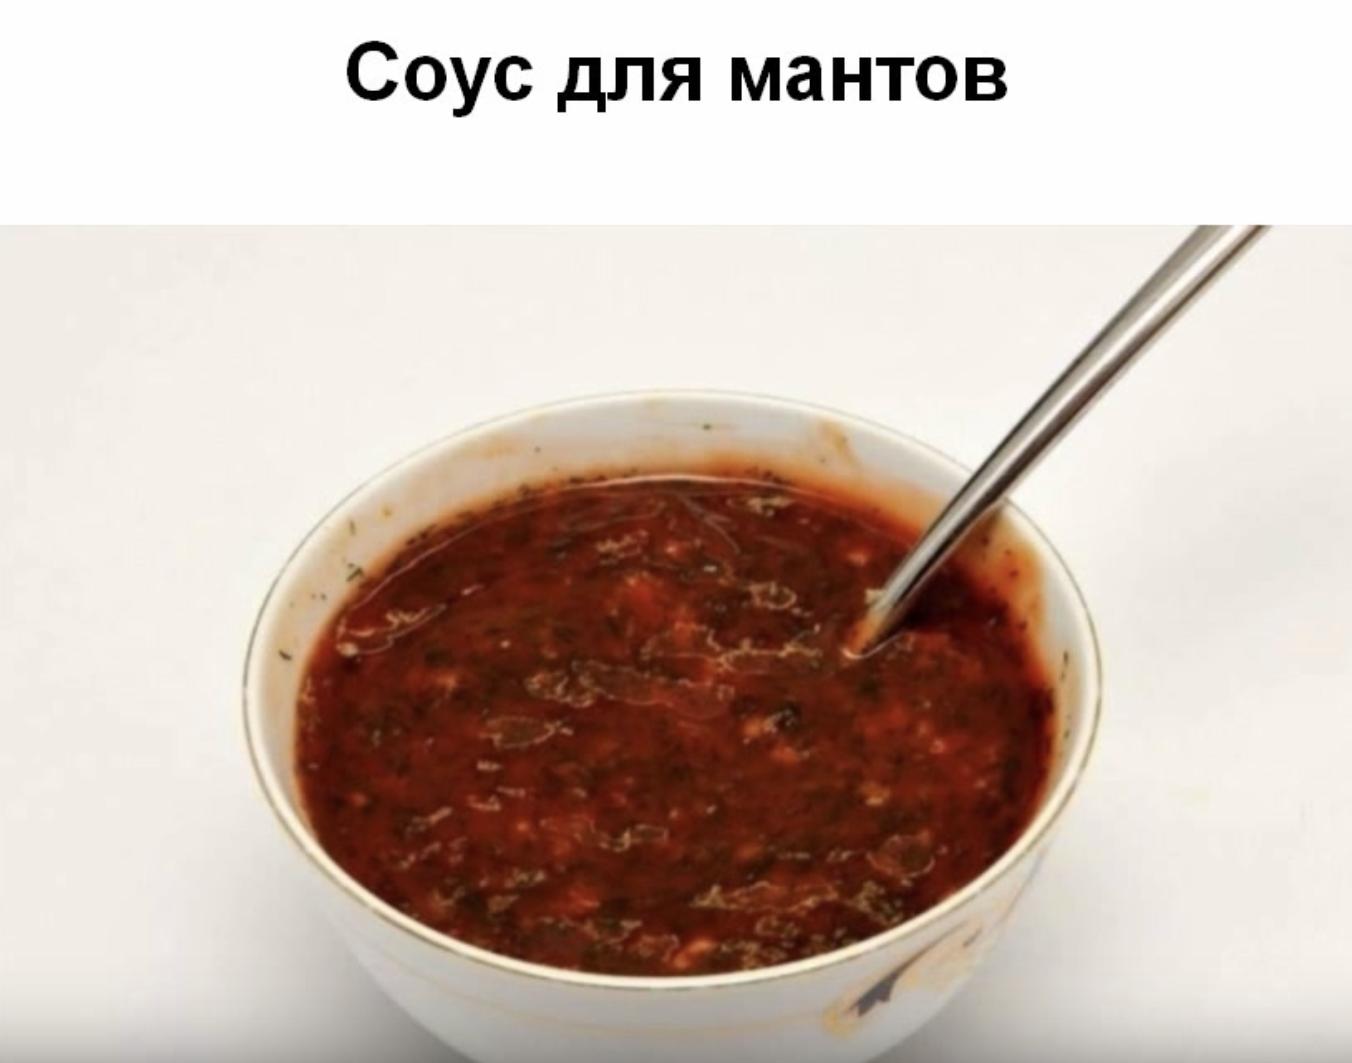 Соус для мантов рецепт с фото пошагово - 1000.menu